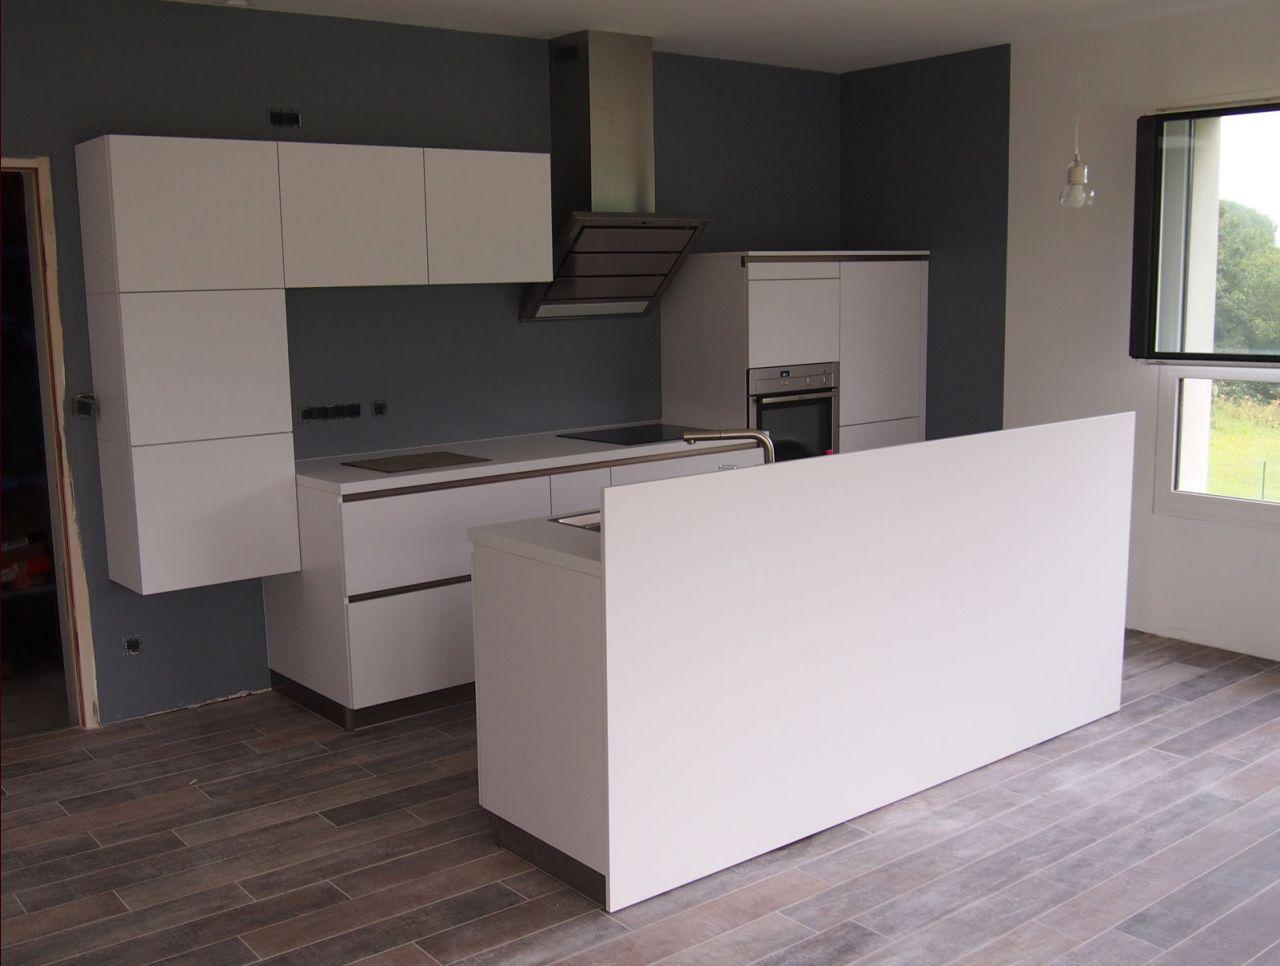 chambres et salles d 39 eau construction brique et bois nord 25 aout 2014. Black Bedroom Furniture Sets. Home Design Ideas